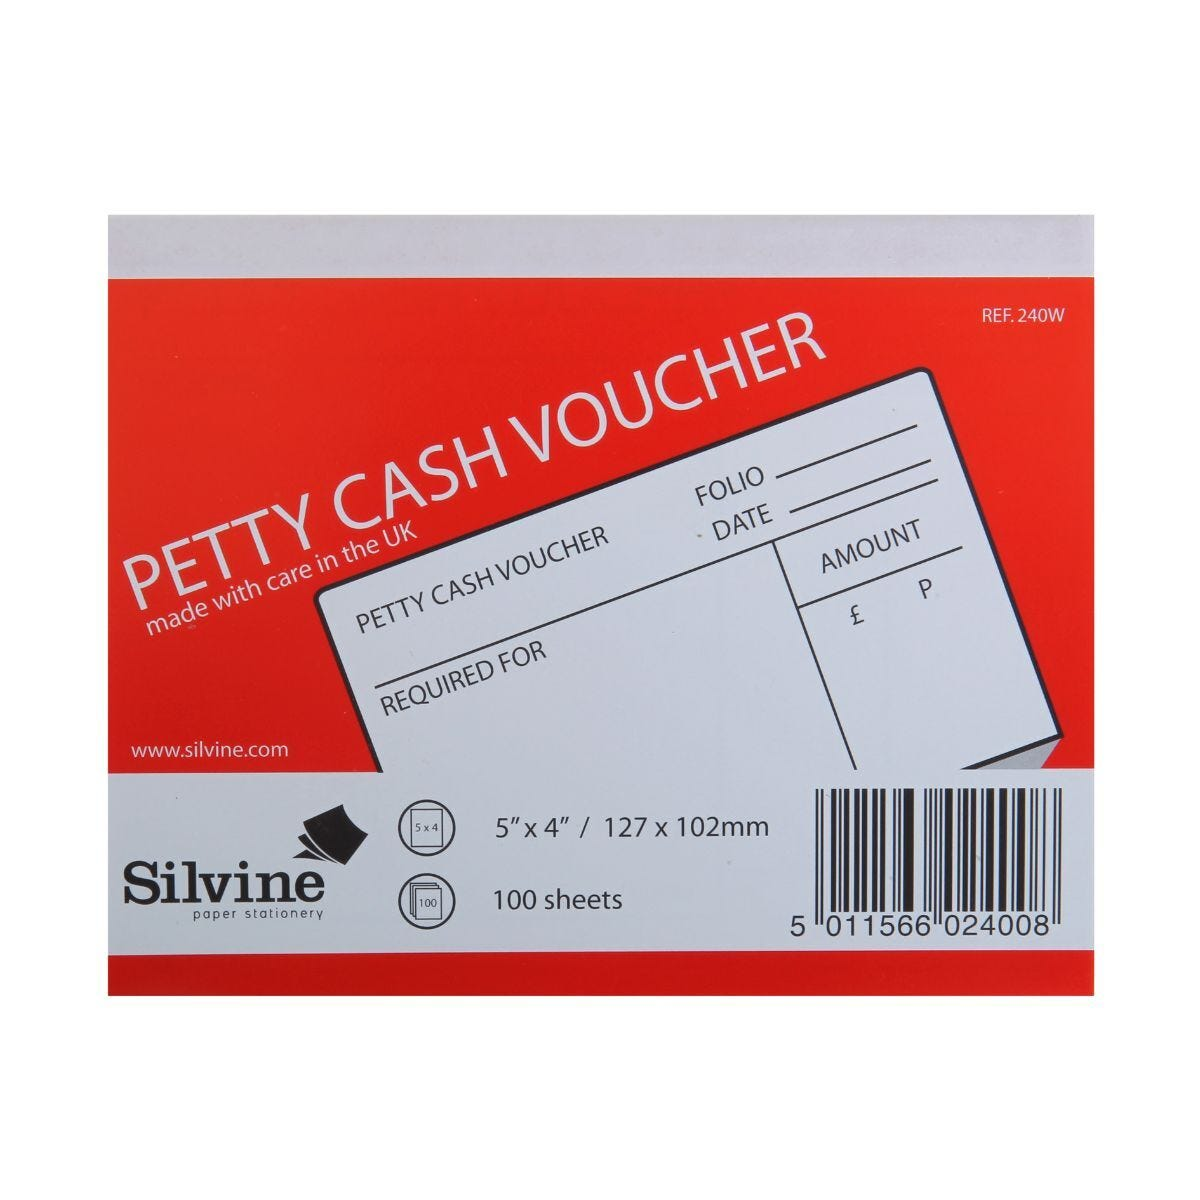 Silvine Petty Cash Voucher 100 Sheets